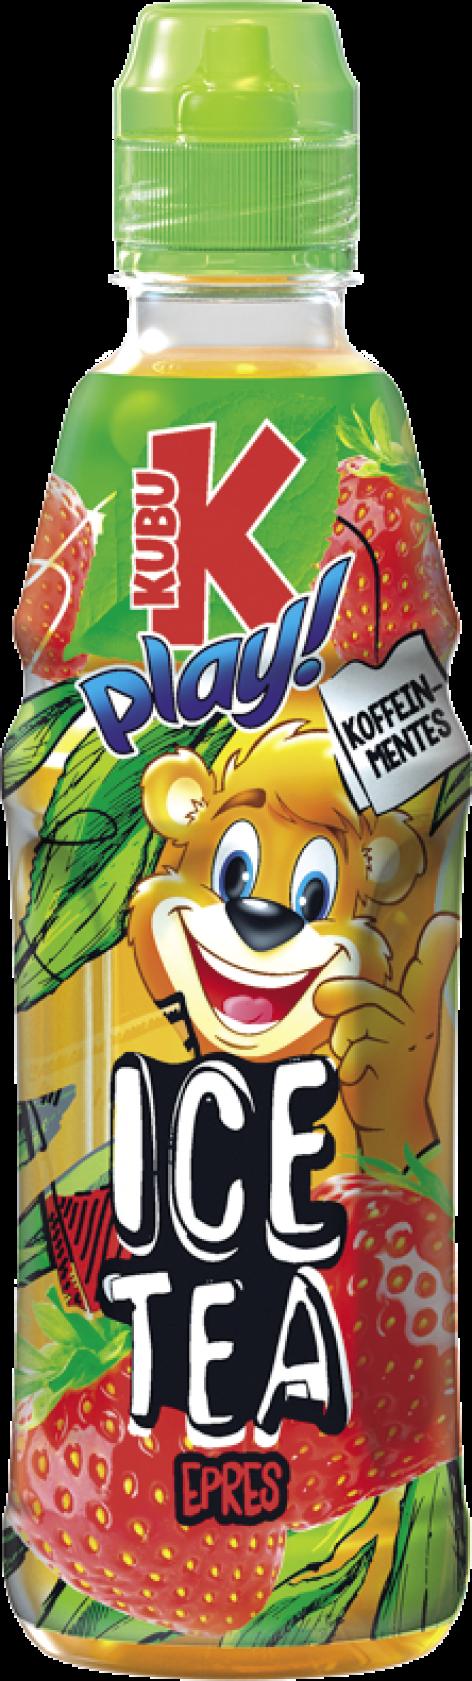 Kubu Play ice tea 0,4 l